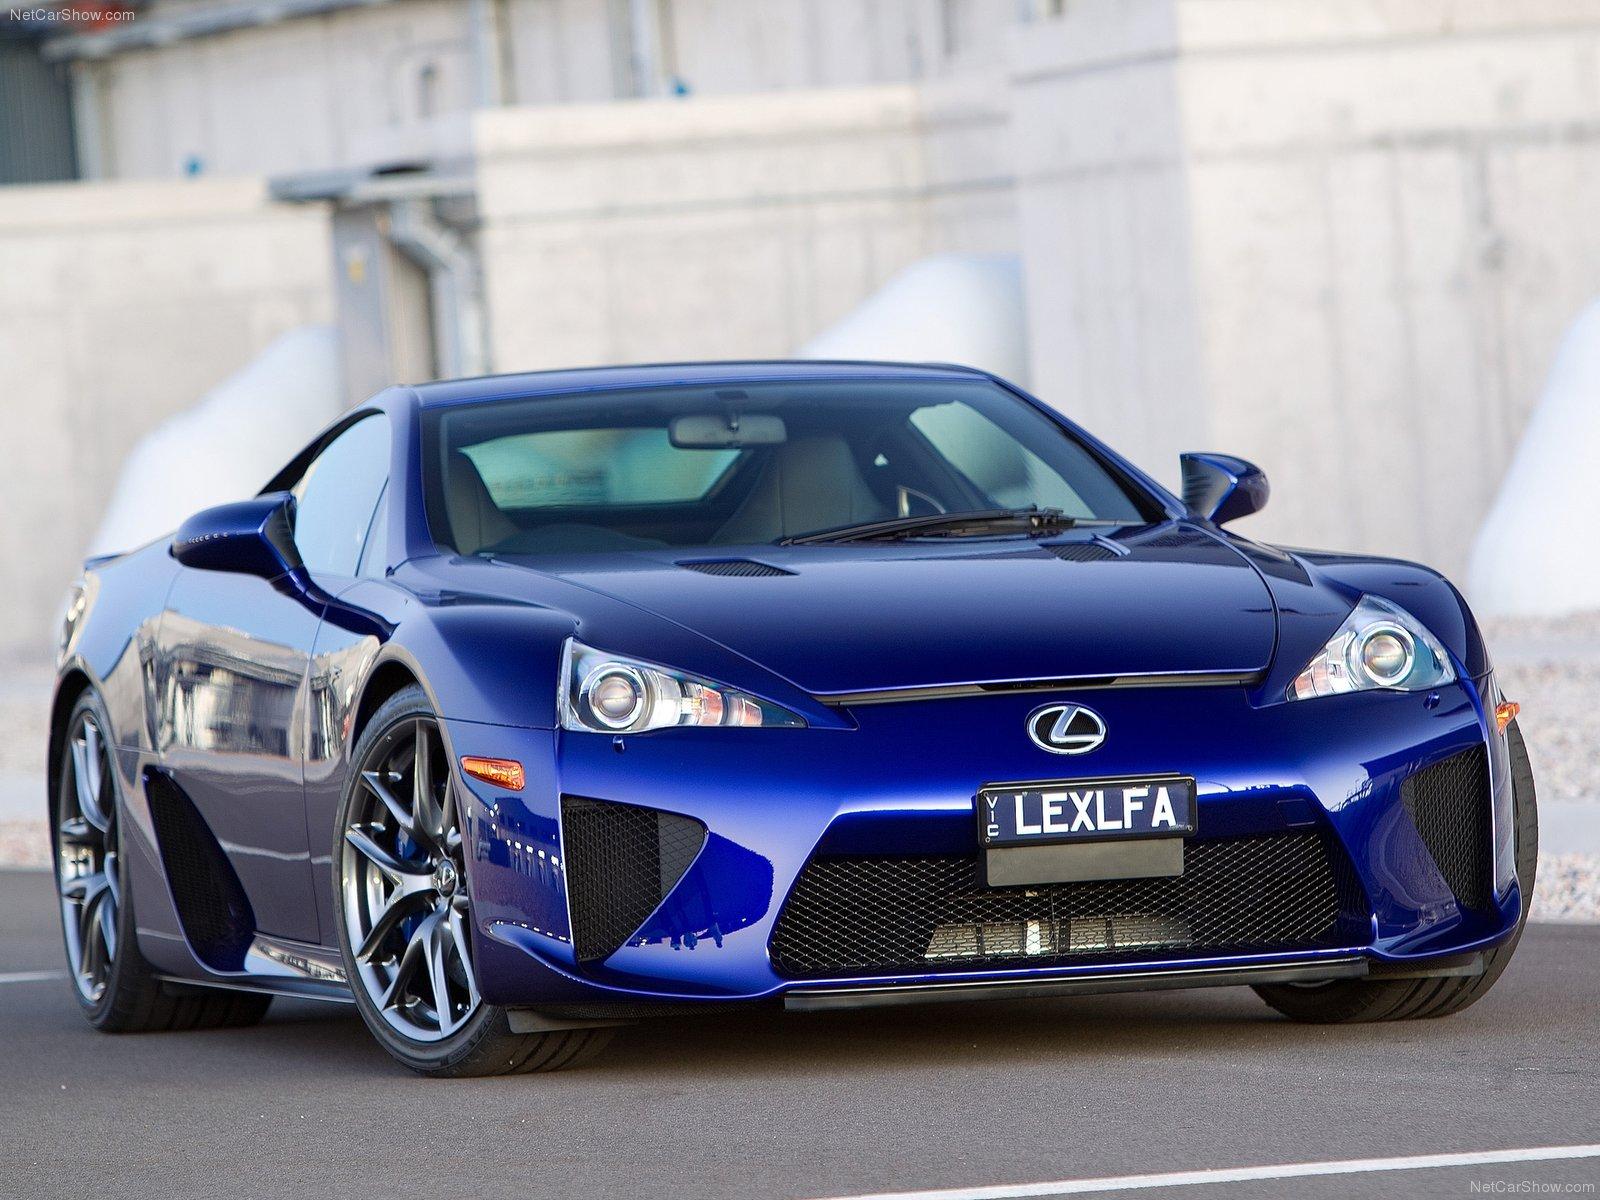 Mørke tider for BBS, men det var fortsatt håp. Blant annet leverte de felger til Lexus sin LFA fra 2011.